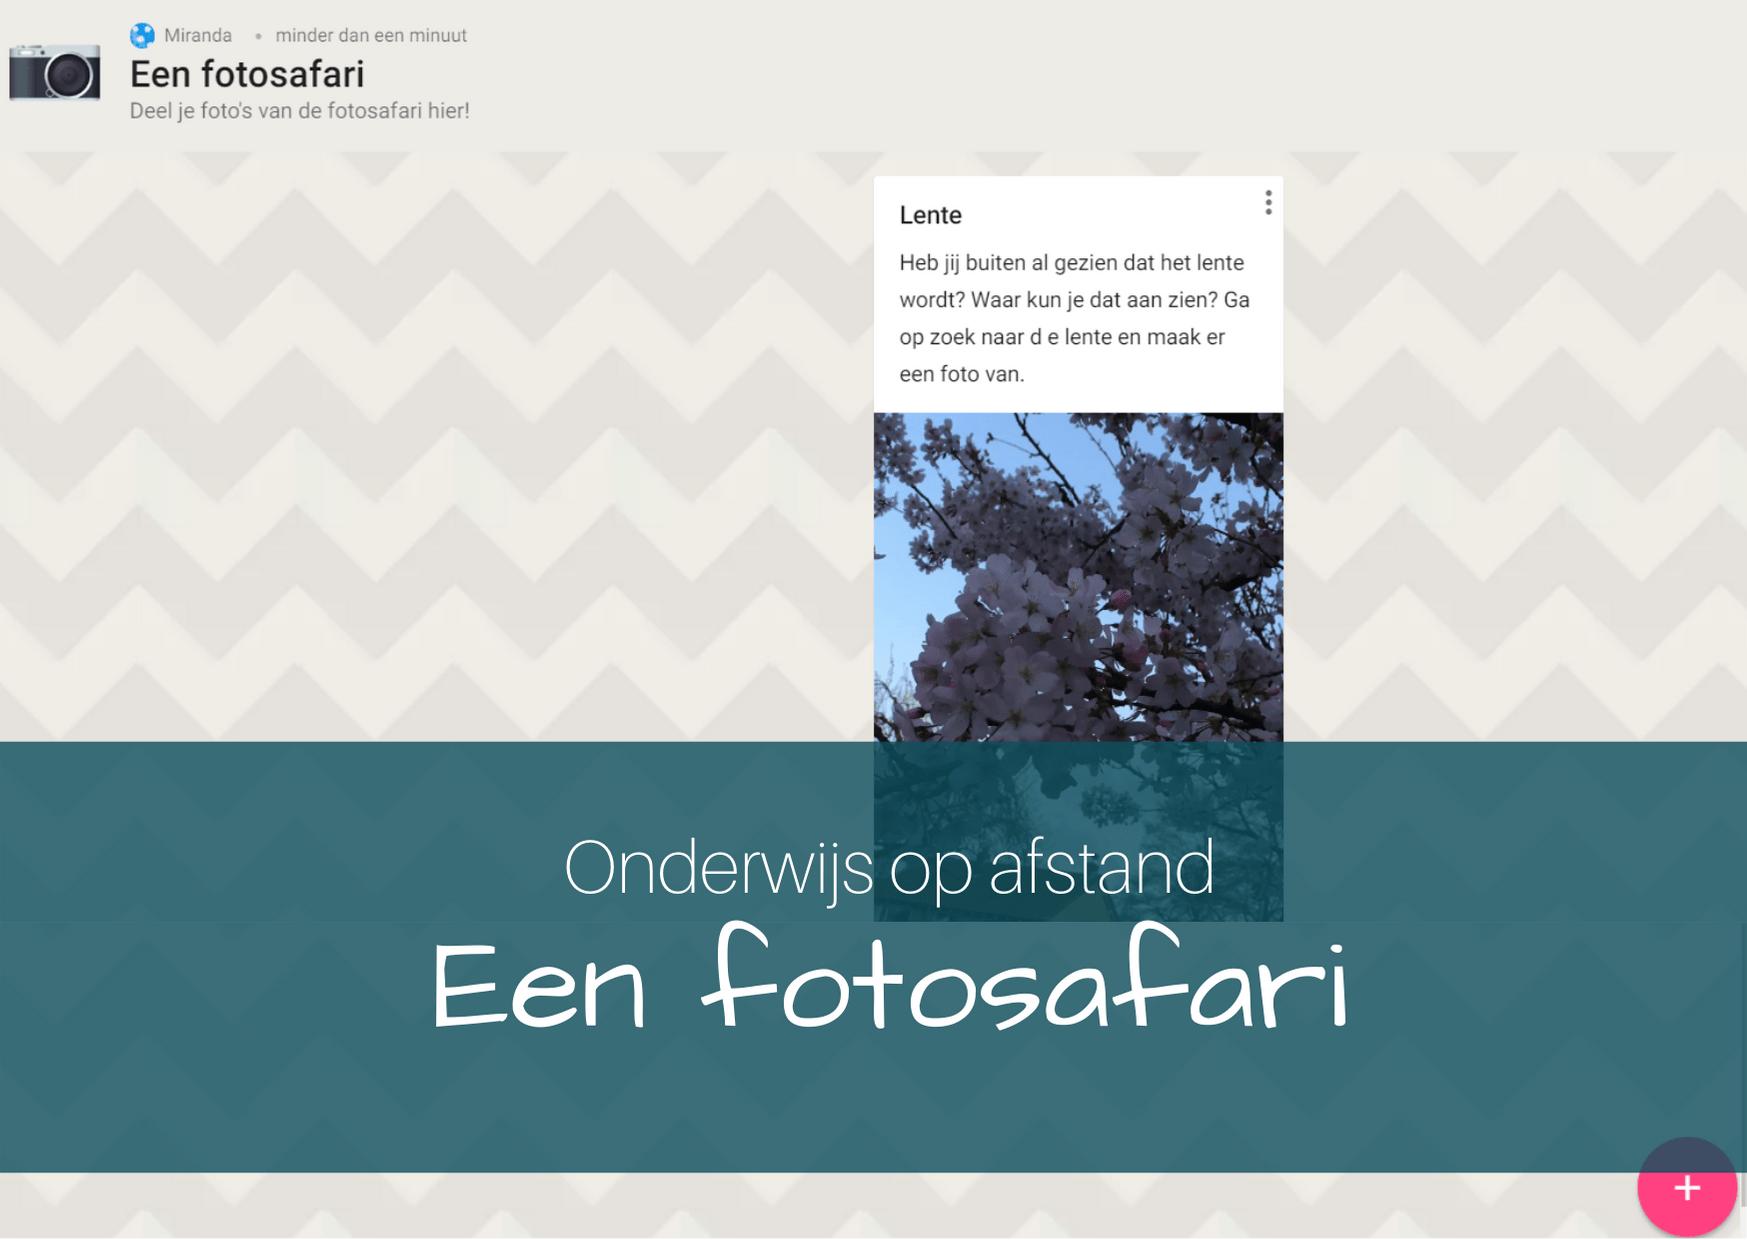 Onderwijs op afstand: een fotosafari